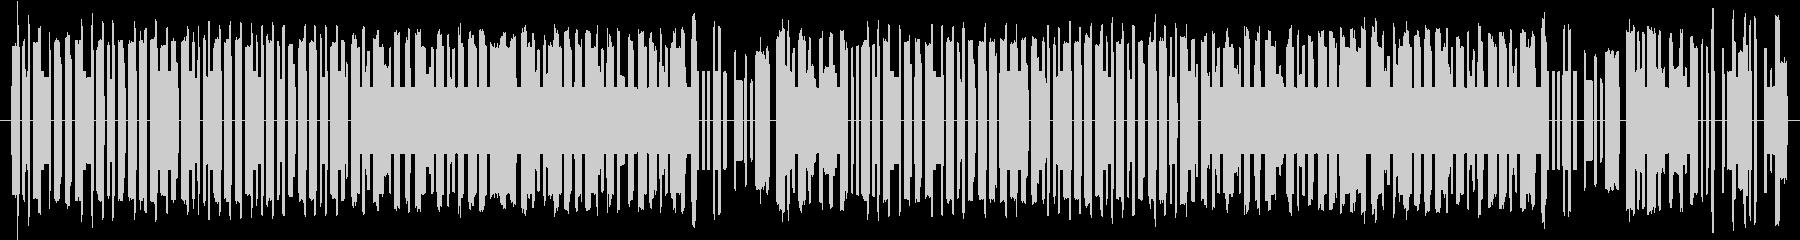 ロシア風、8bitサウンドのBGMの未再生の波形